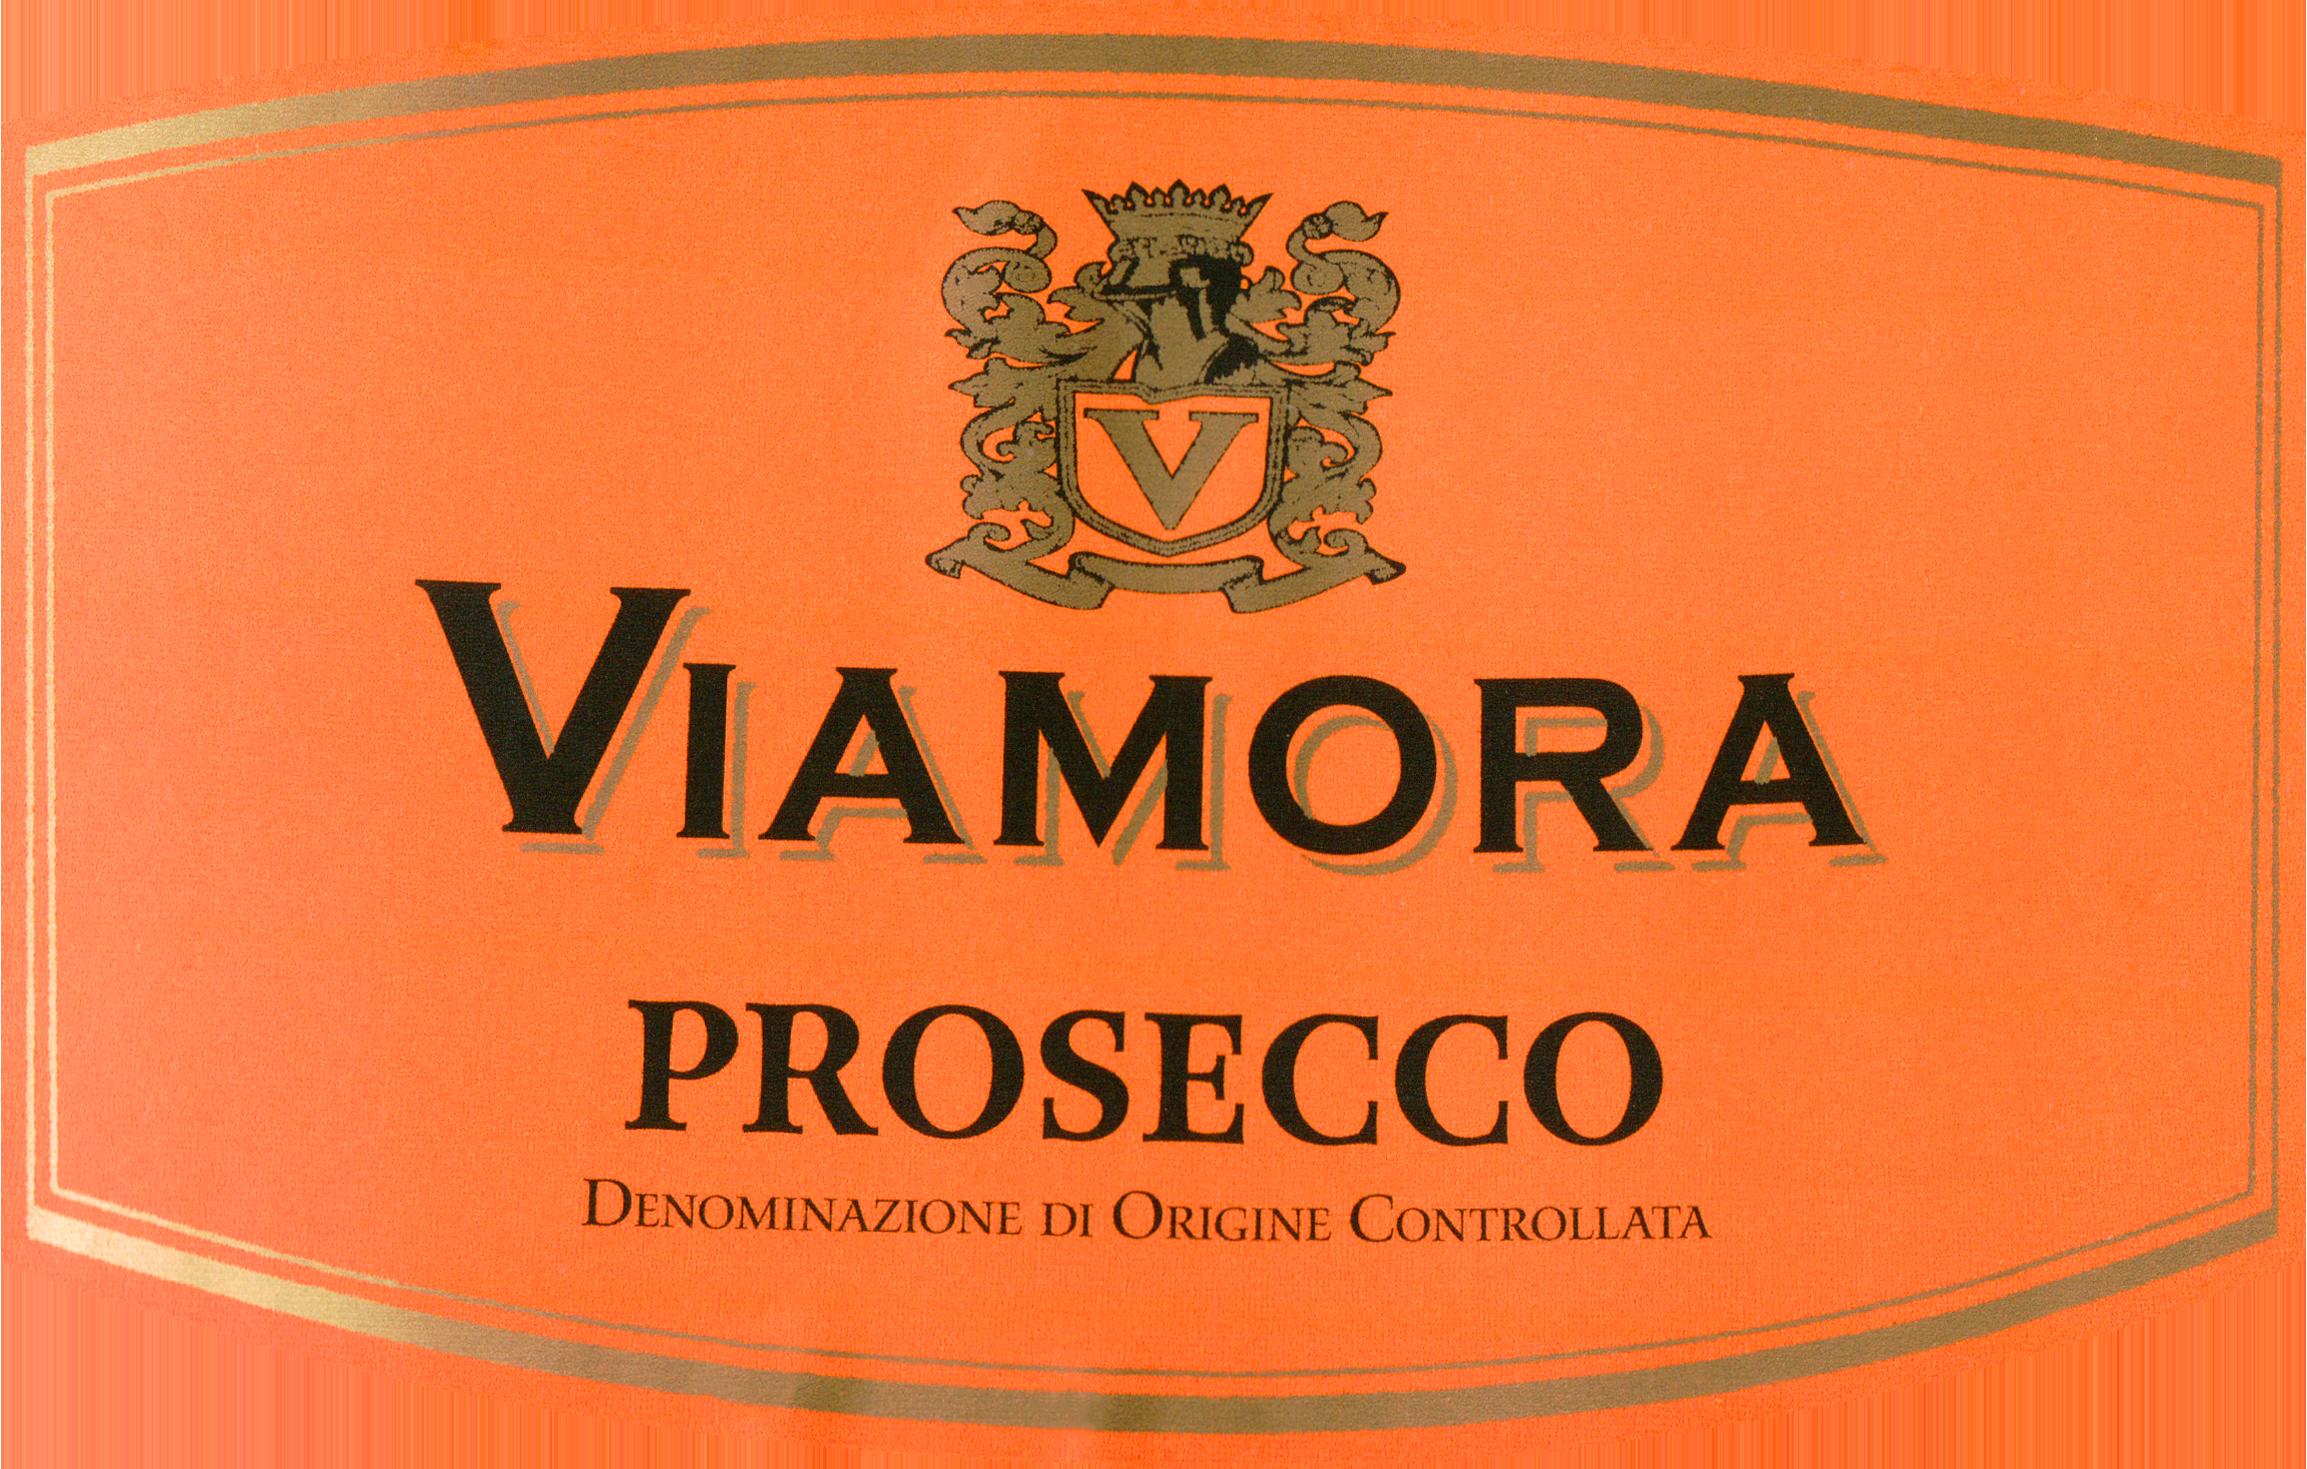 Viamora Prosecco